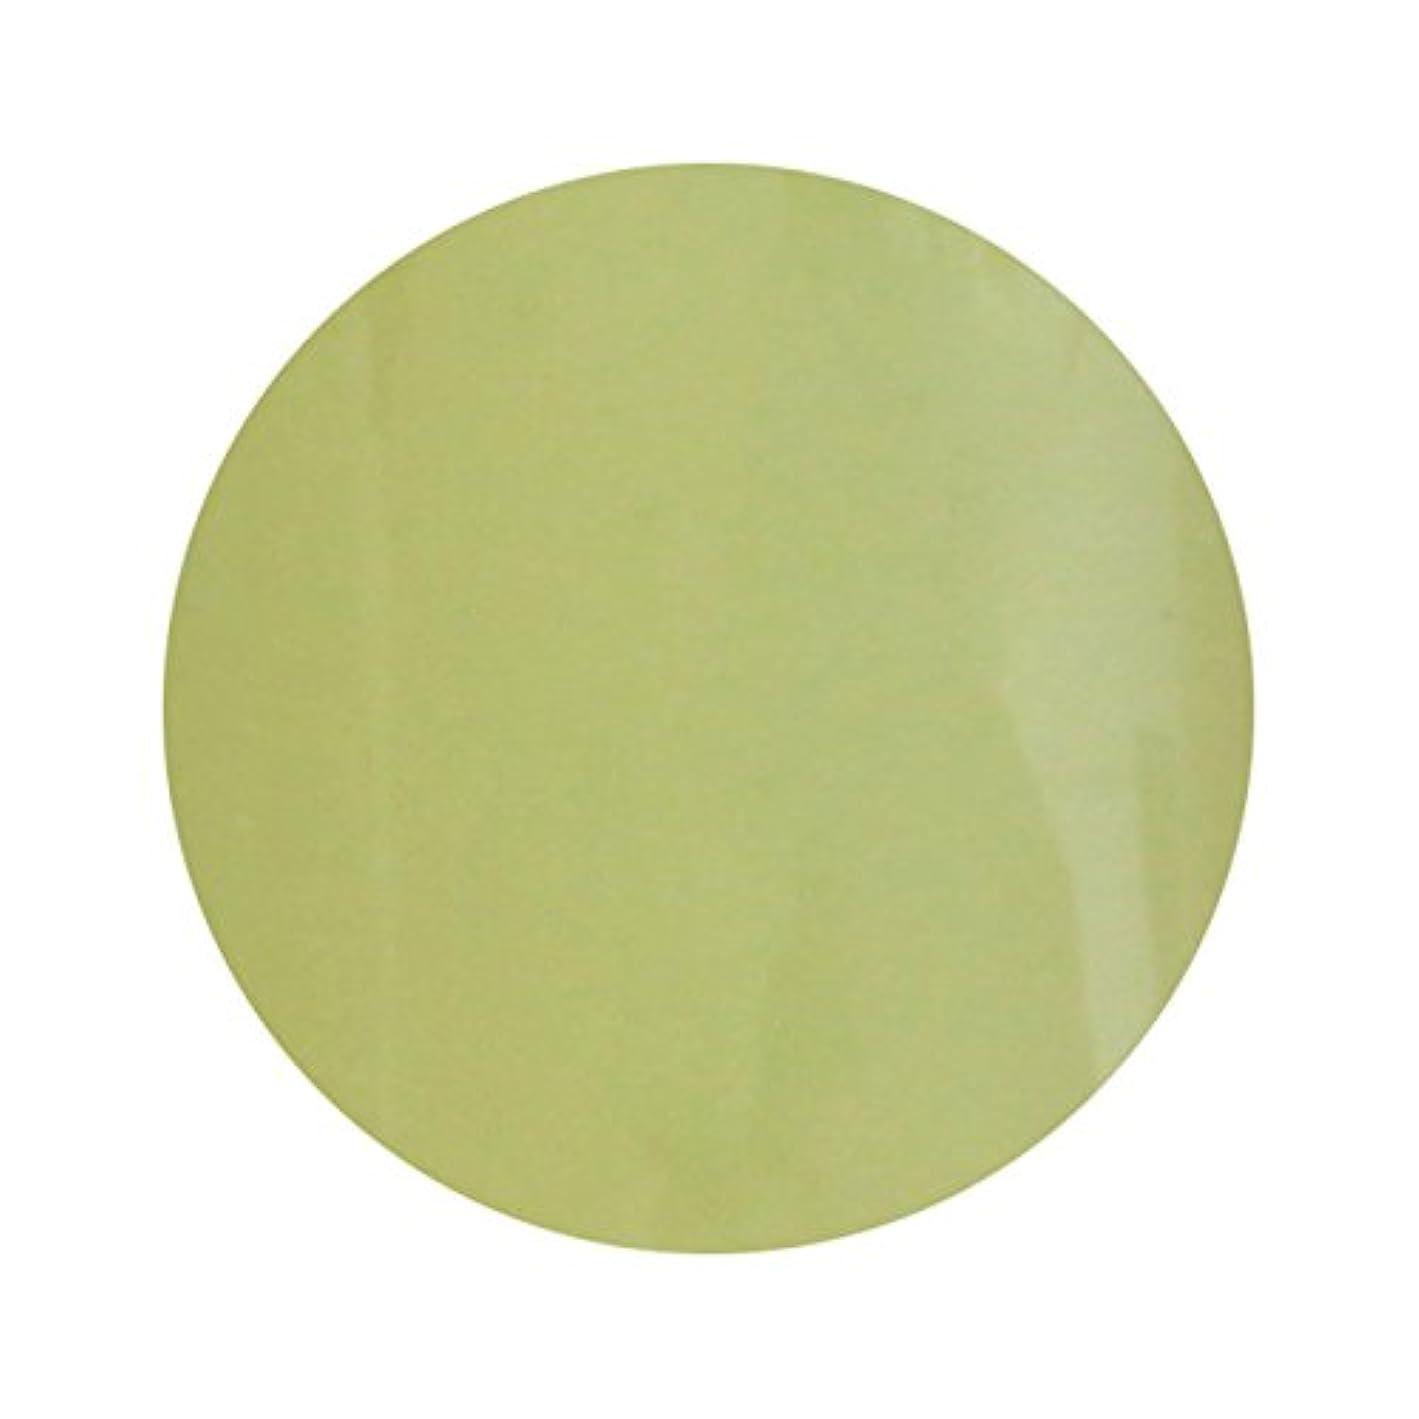 T-GEL COLLECTION ティージェル カラージェル D211 スモーキーレモン 4ml